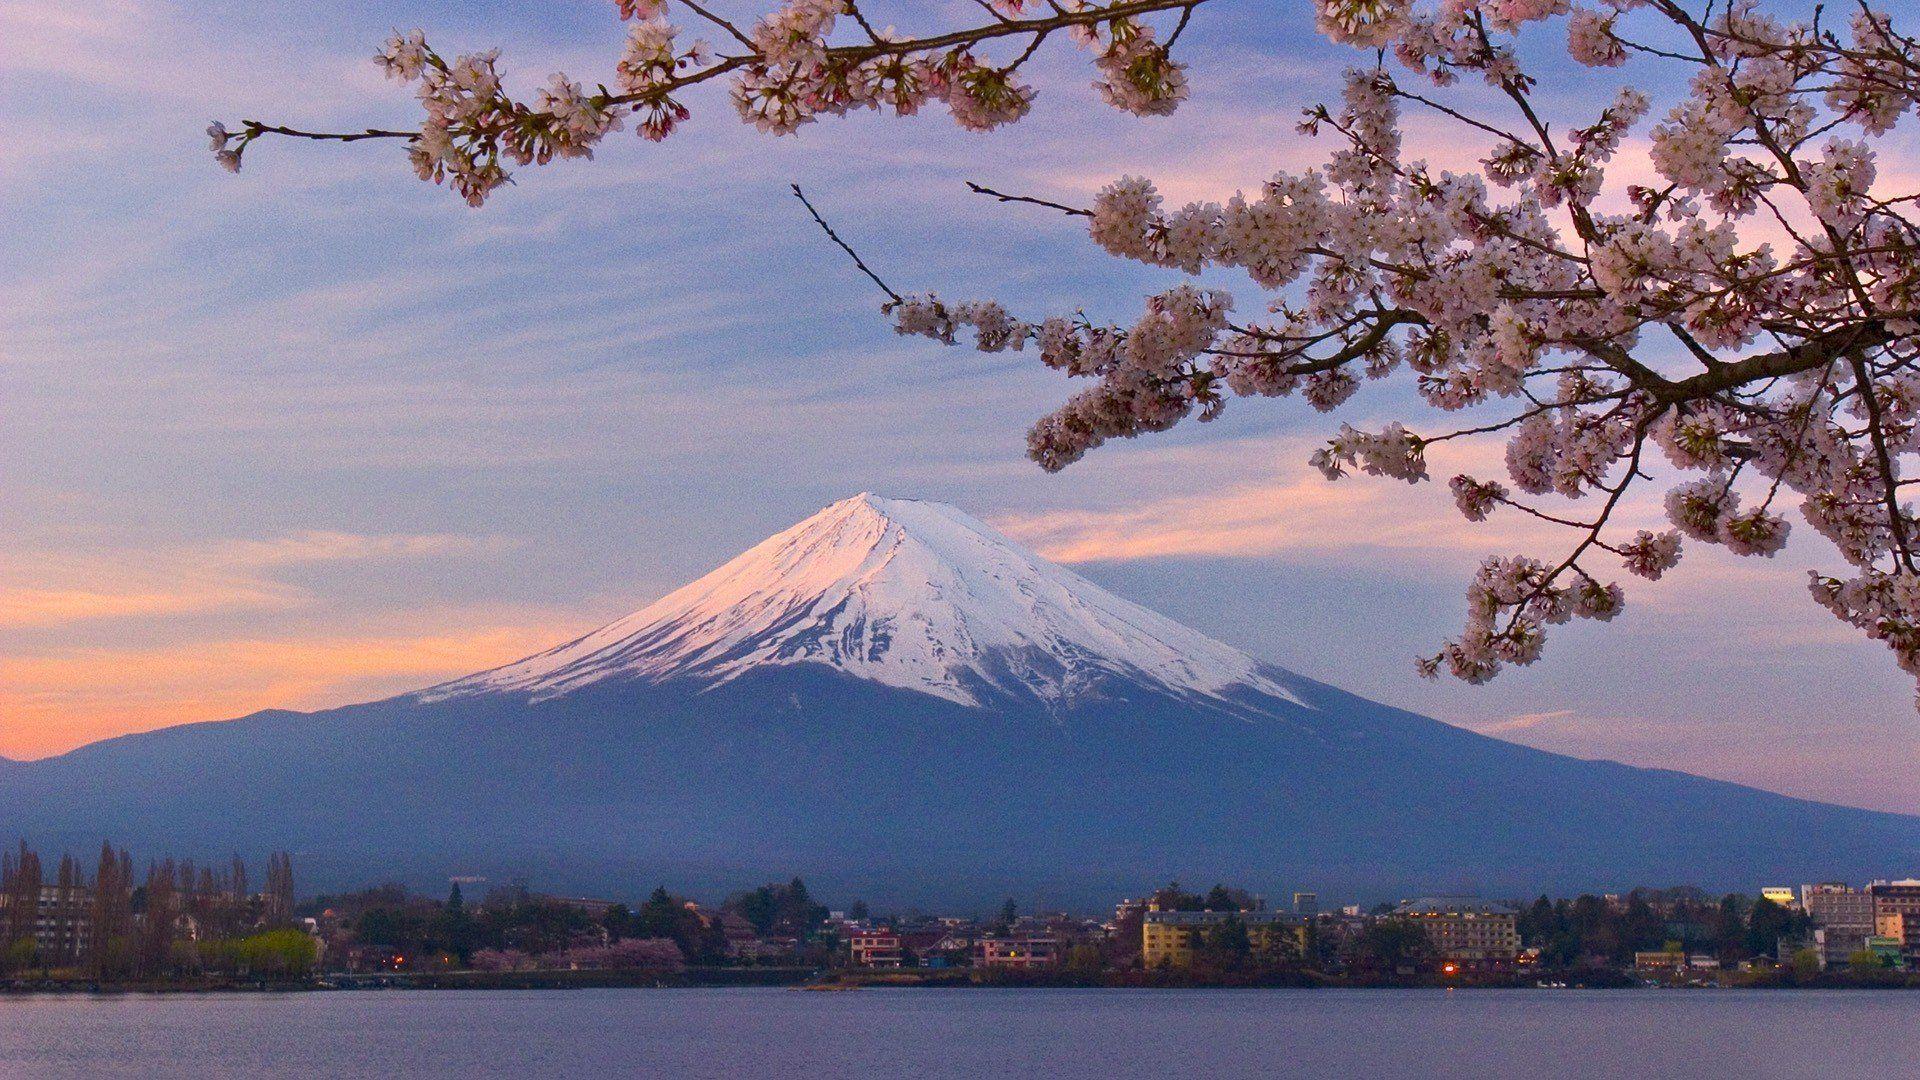 Mount Fuji Wallpapers Top Free Mount Fuji Backgrounds